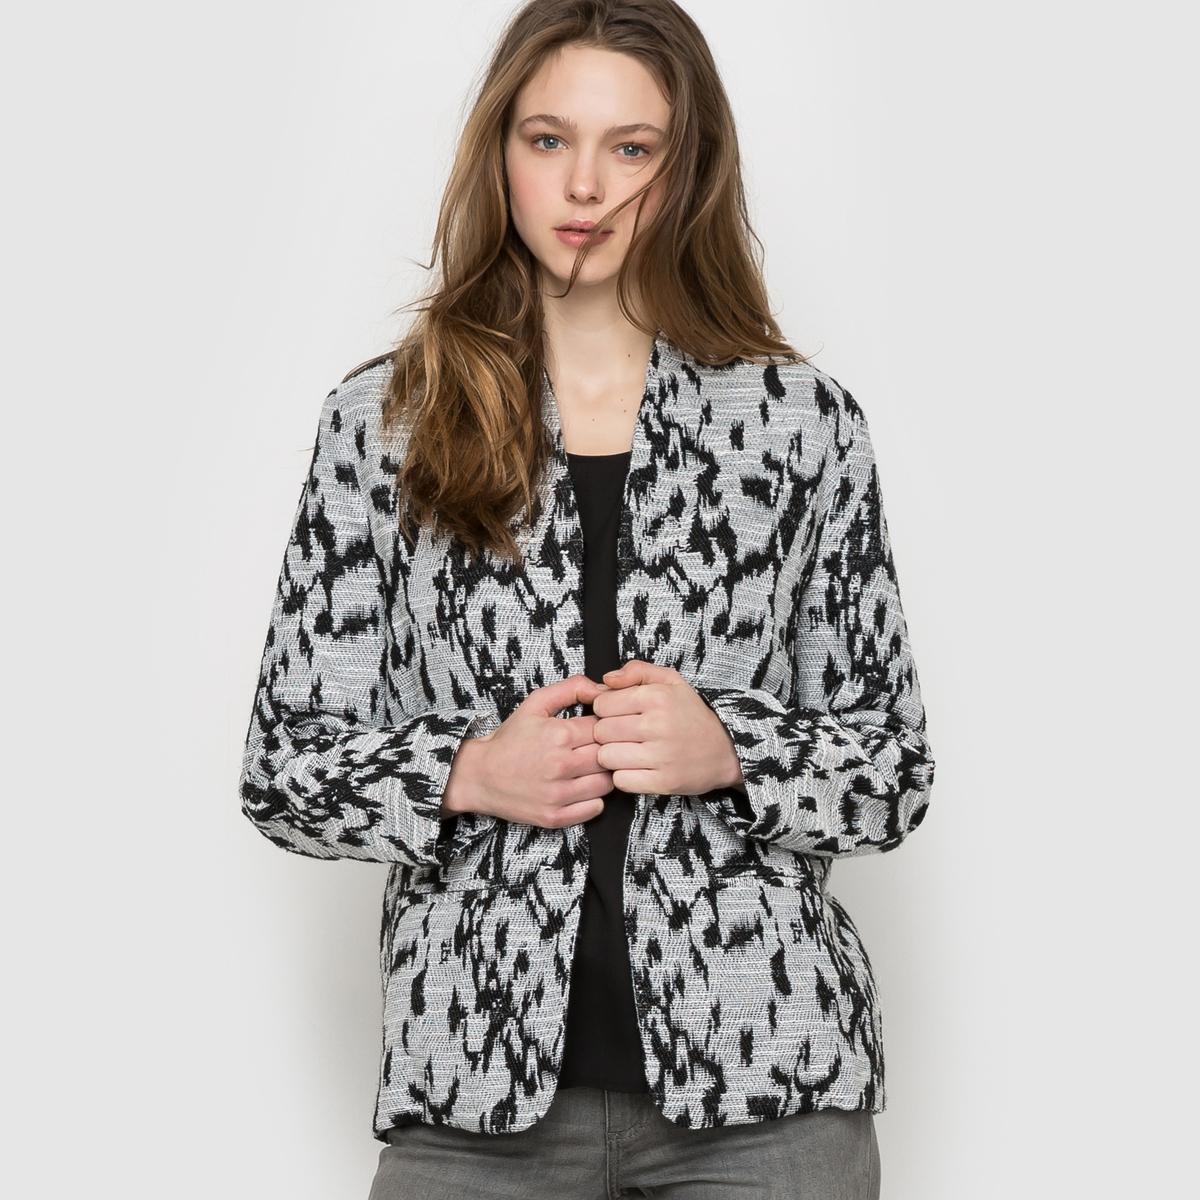 Пальто жаккардовое, короткоеЖаккардовое пальто SUNCOO. Пёстрый чёрный орнамент на сером меланжевом фоне. 2 прорезных кармана. Состав&amp;деталиМатериал: 100% полиэстера       Подкладка: 100% вискозыМарка SUNCOO<br><br>Цвет: серый/черный рисунок